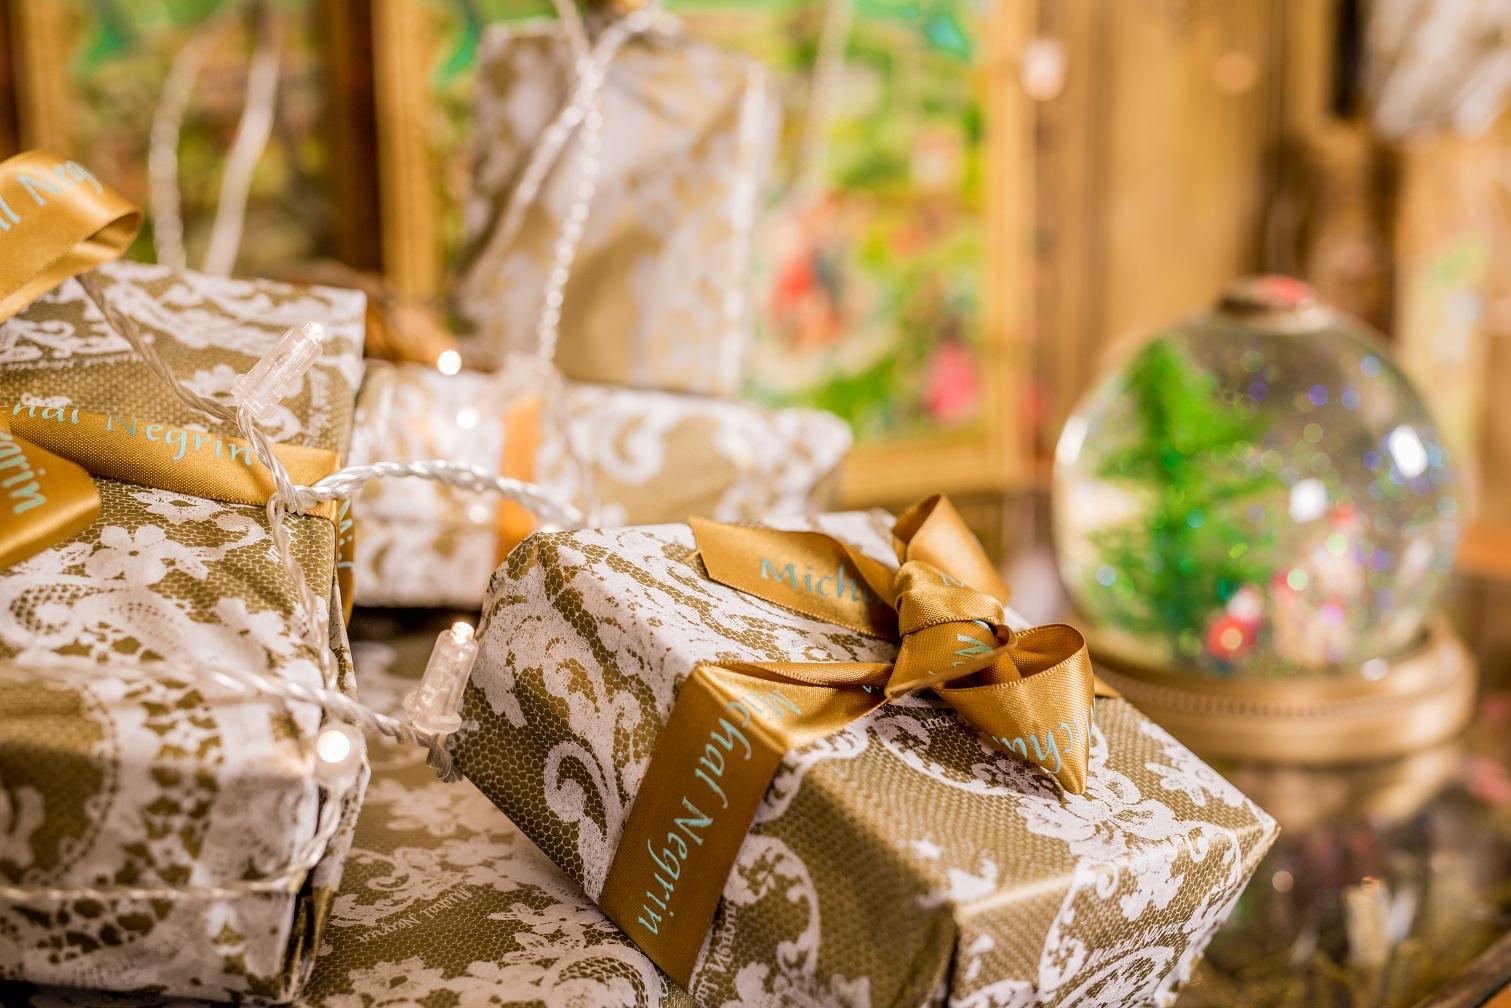 1000 и 1 подарок: 25% скидки на подарки ручной работы Michal Negrin – по ценам от 29 шек.